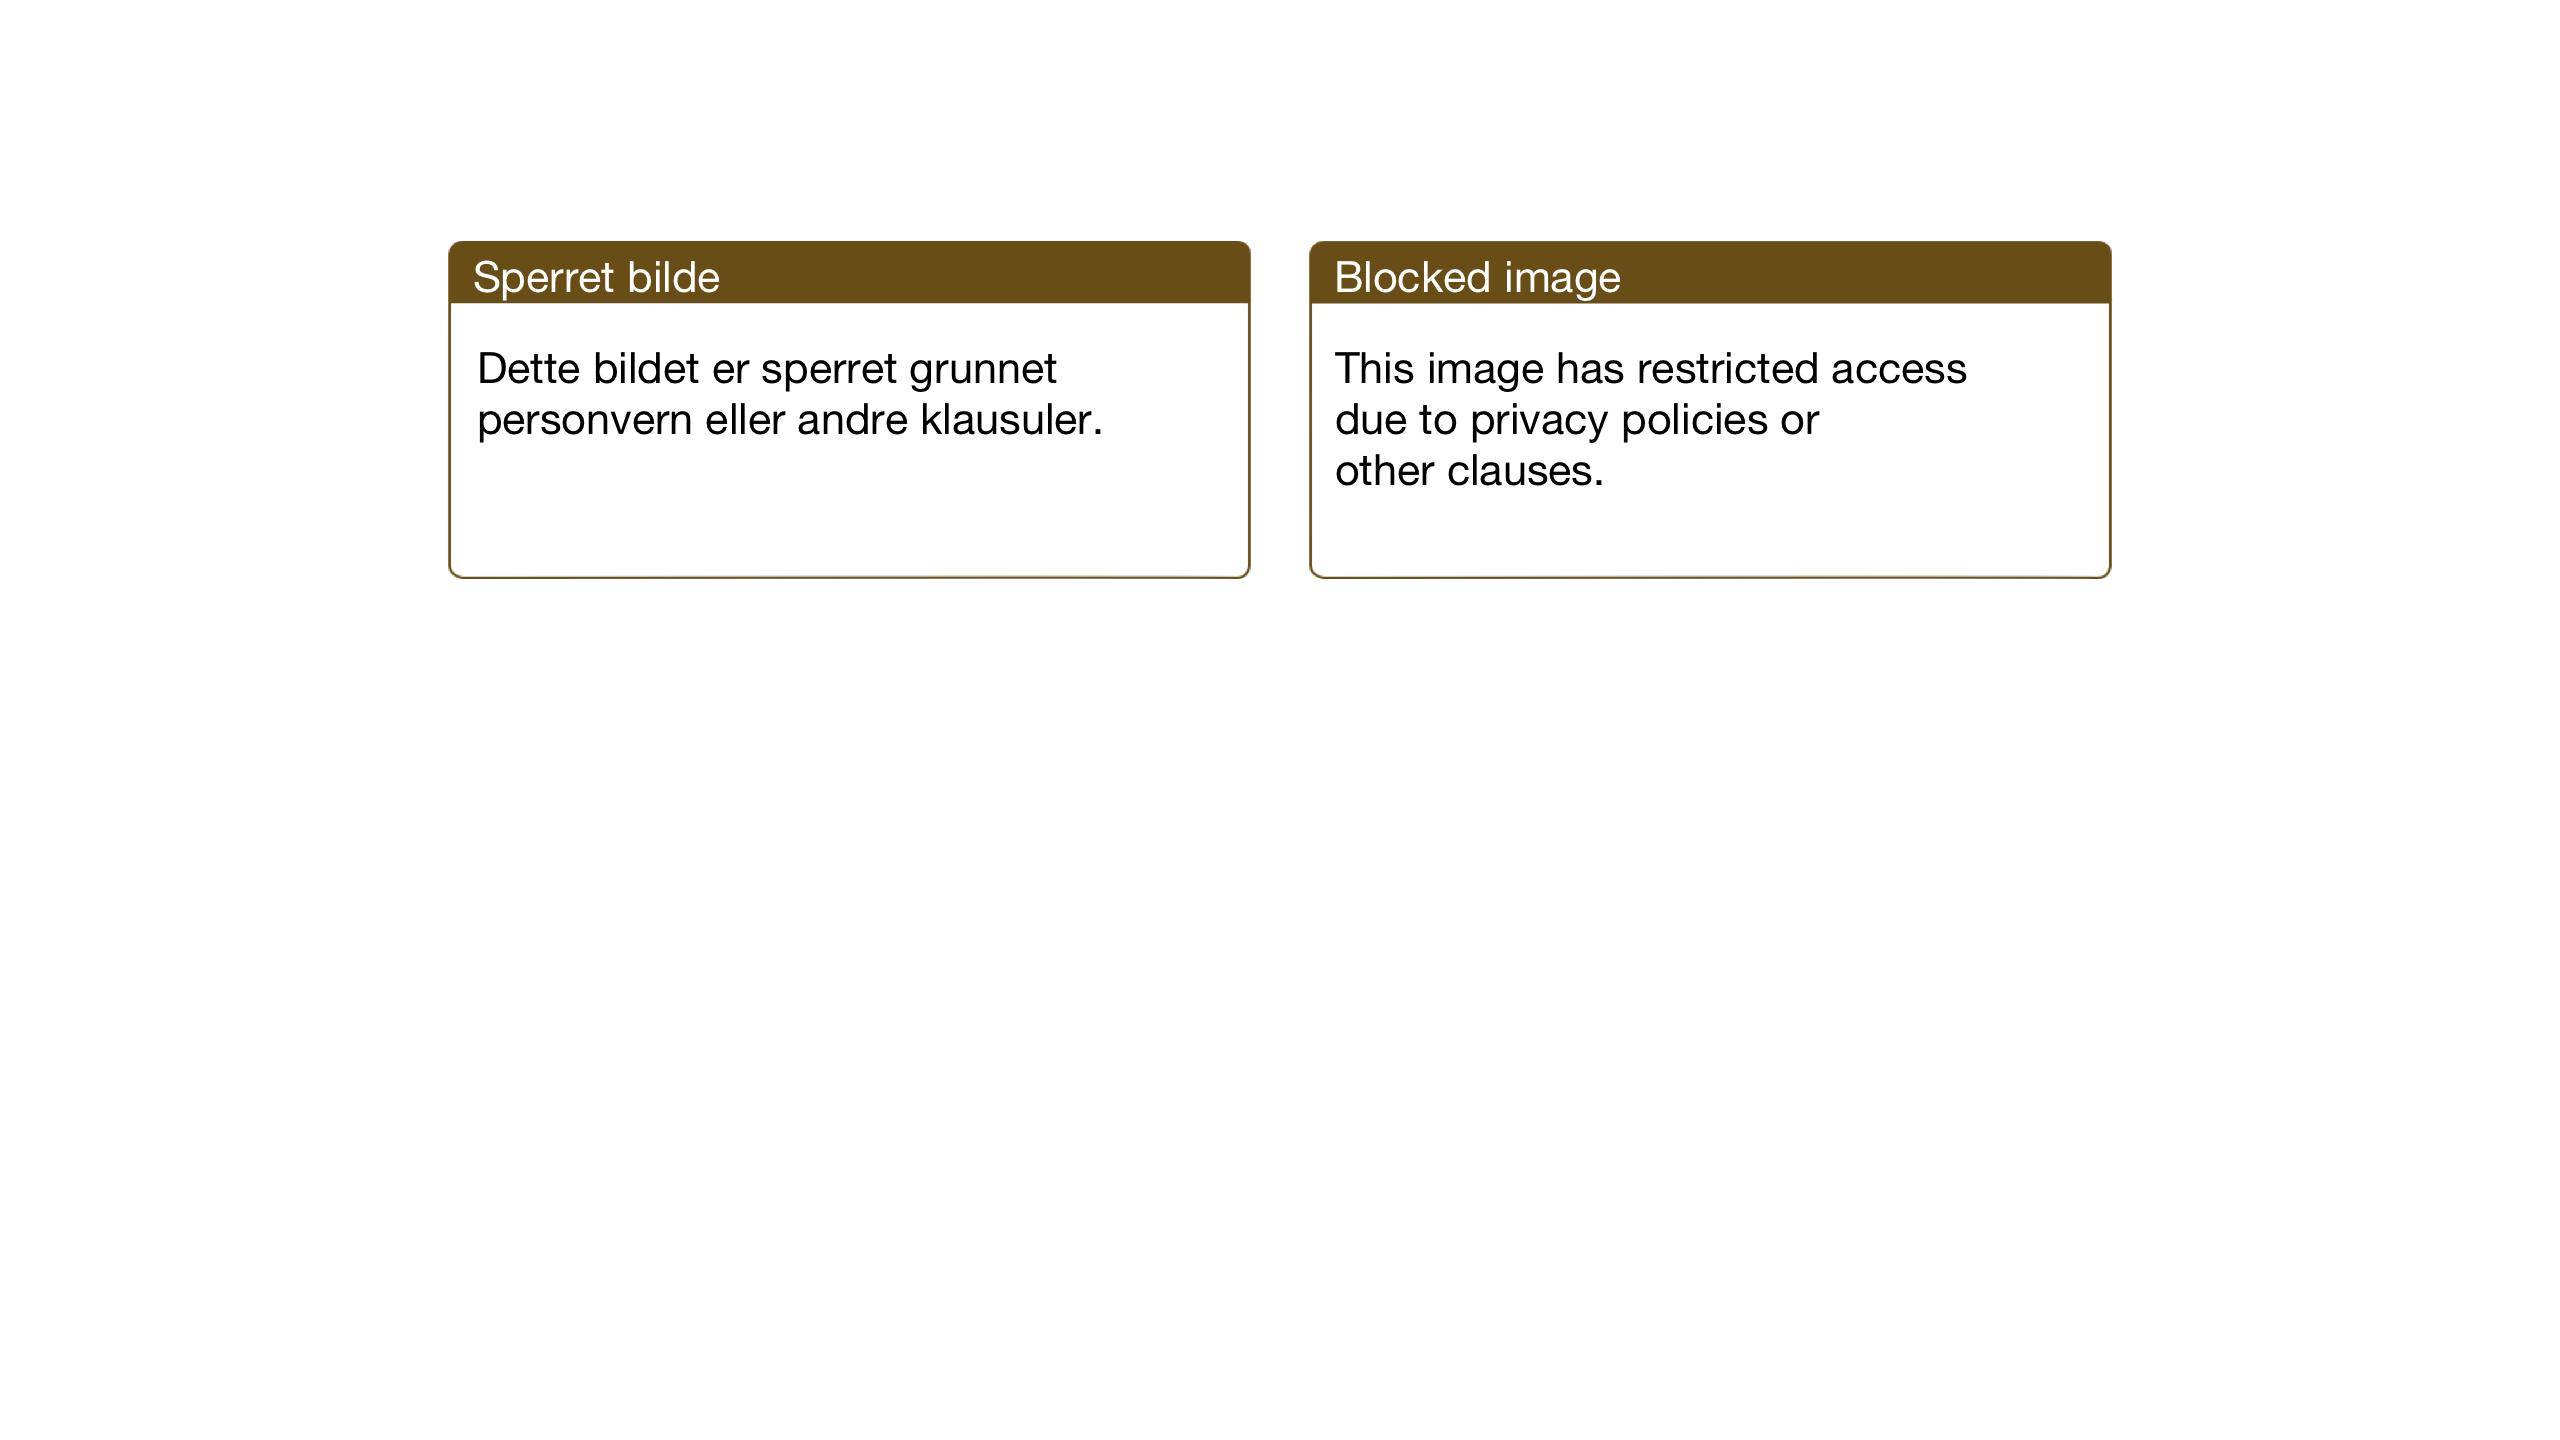 SAT, Ministerialprotokoller, klokkerbøker og fødselsregistre - Sør-Trøndelag, 607/L0328: Klokkerbok nr. 607C02, 1940-1948, s. 94